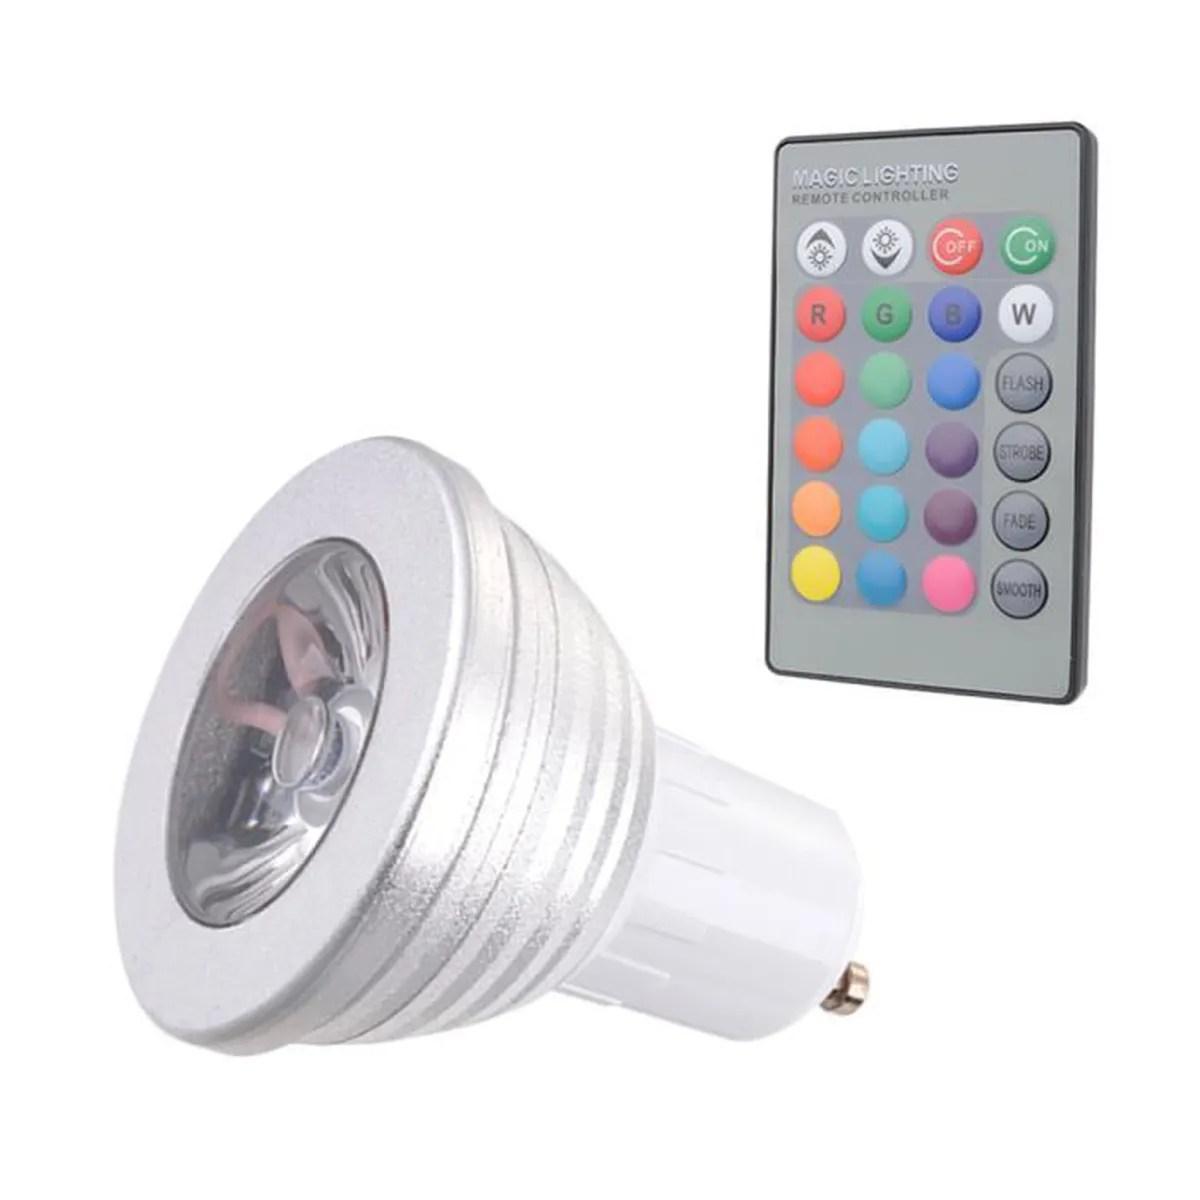 Ampoule Ampoule Ampoule Changeante Couleur Philips Changeante Couleur Led Led Philips Led wP0nO8k